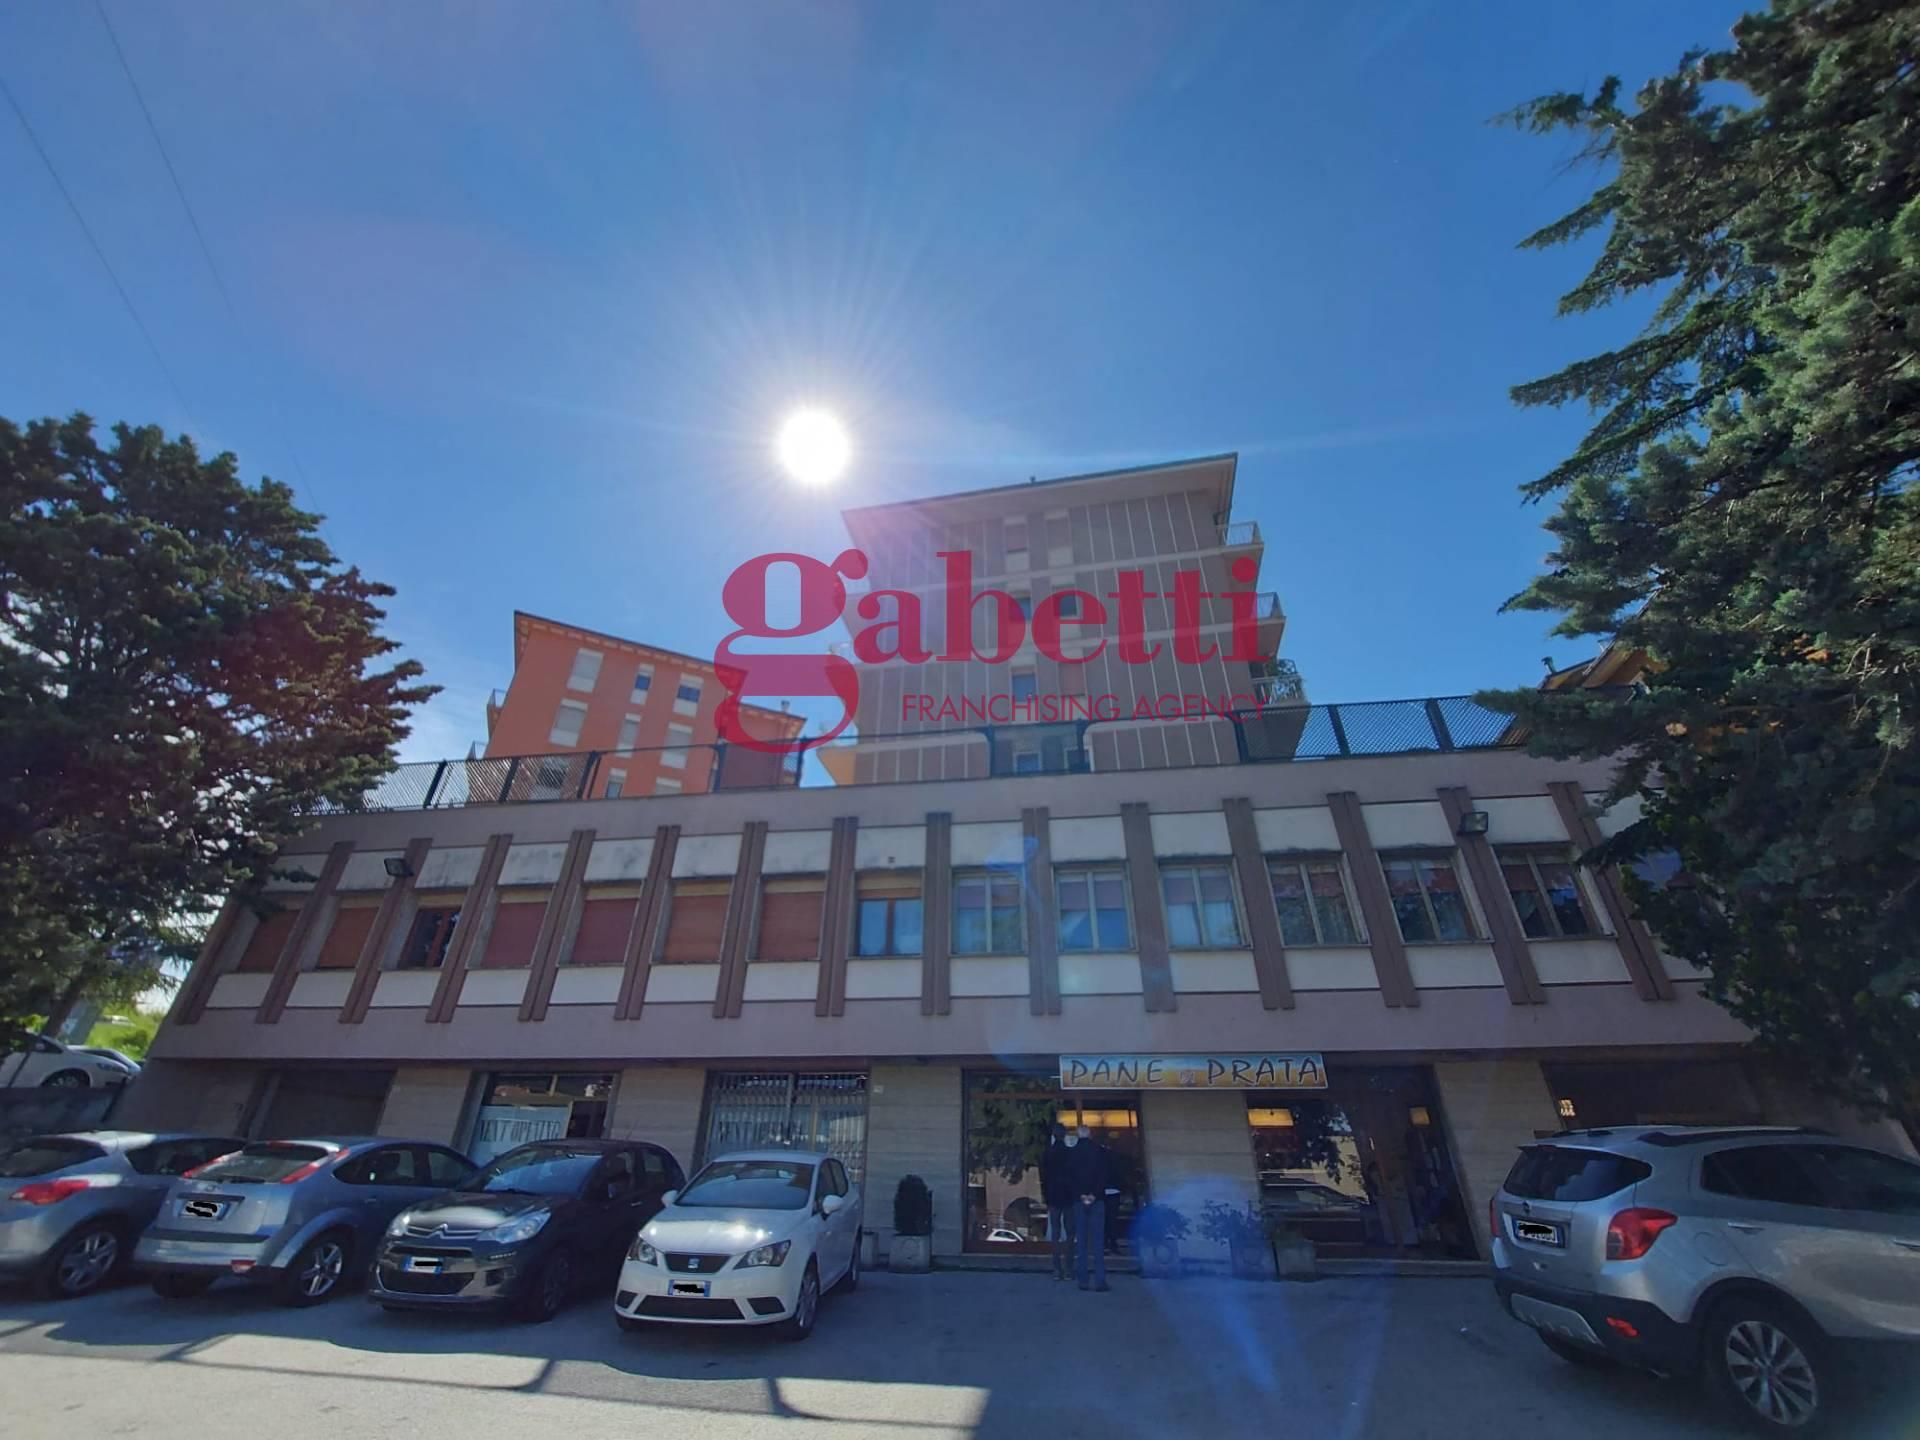 Attico / Mansarda in vendita a L'Aquila, 3 locali, zona ione, prezzo € 92.000 | PortaleAgenzieImmobiliari.it